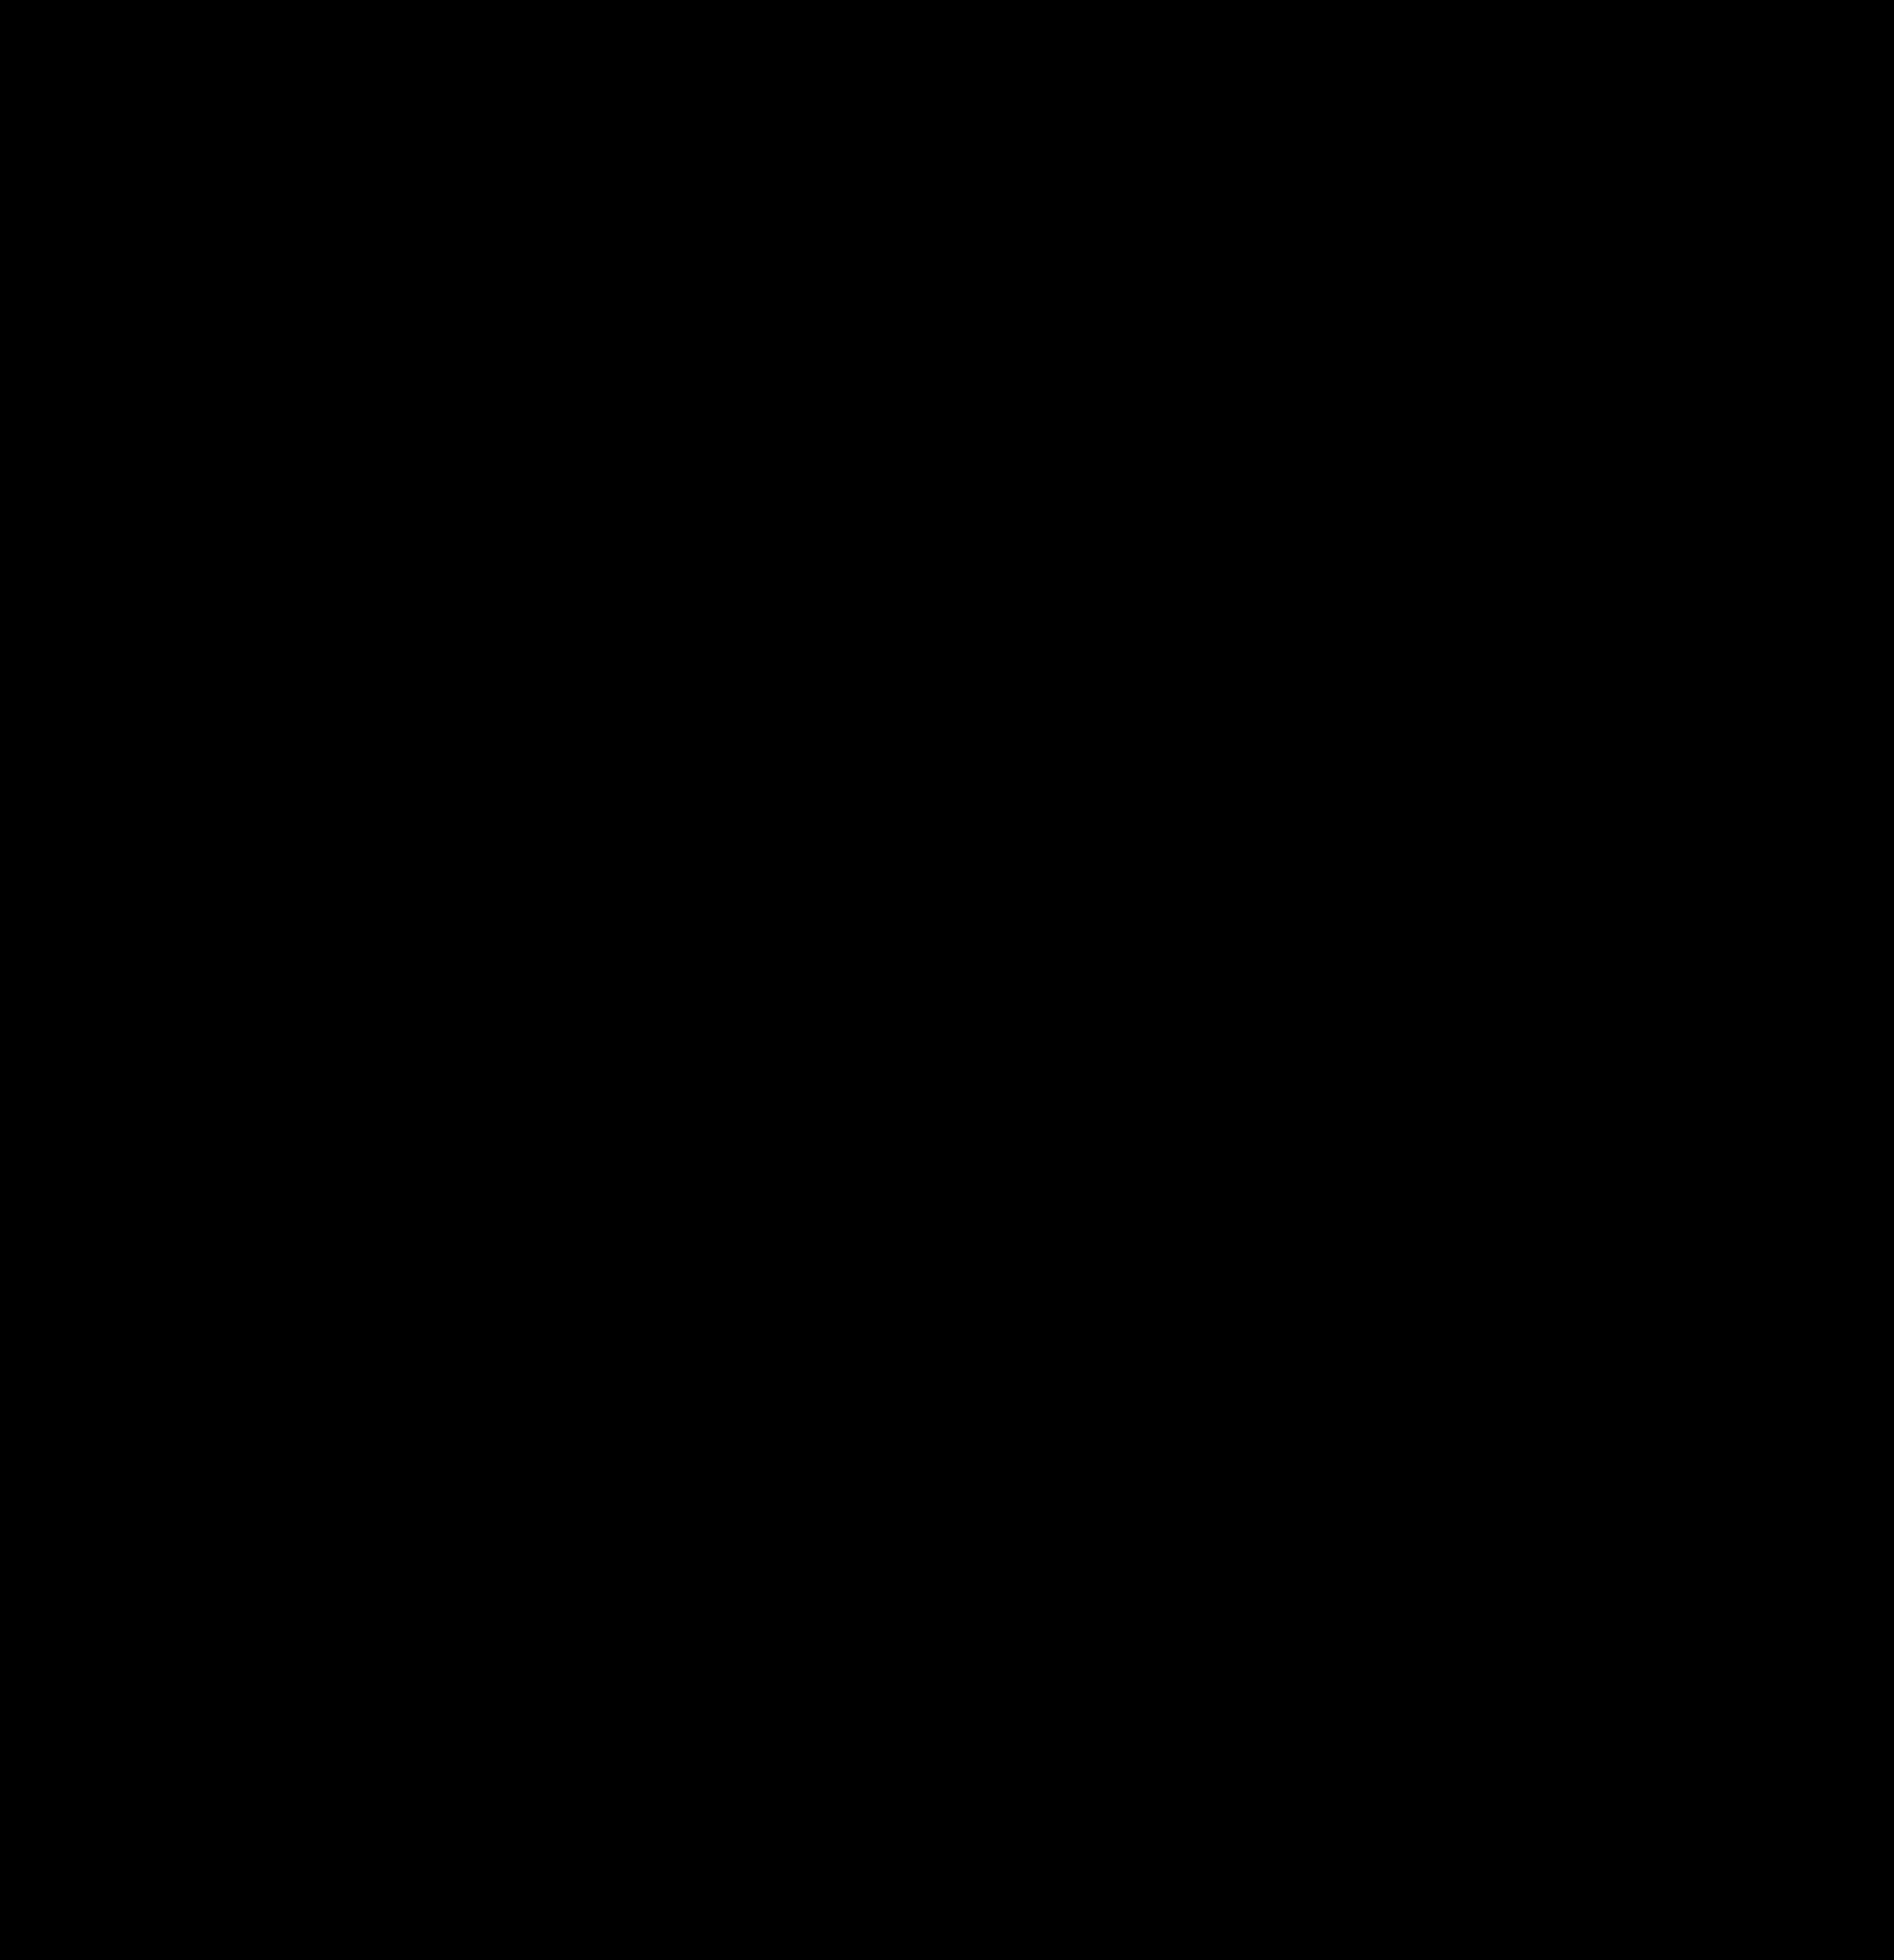 Vann og avløp-logo-black.png